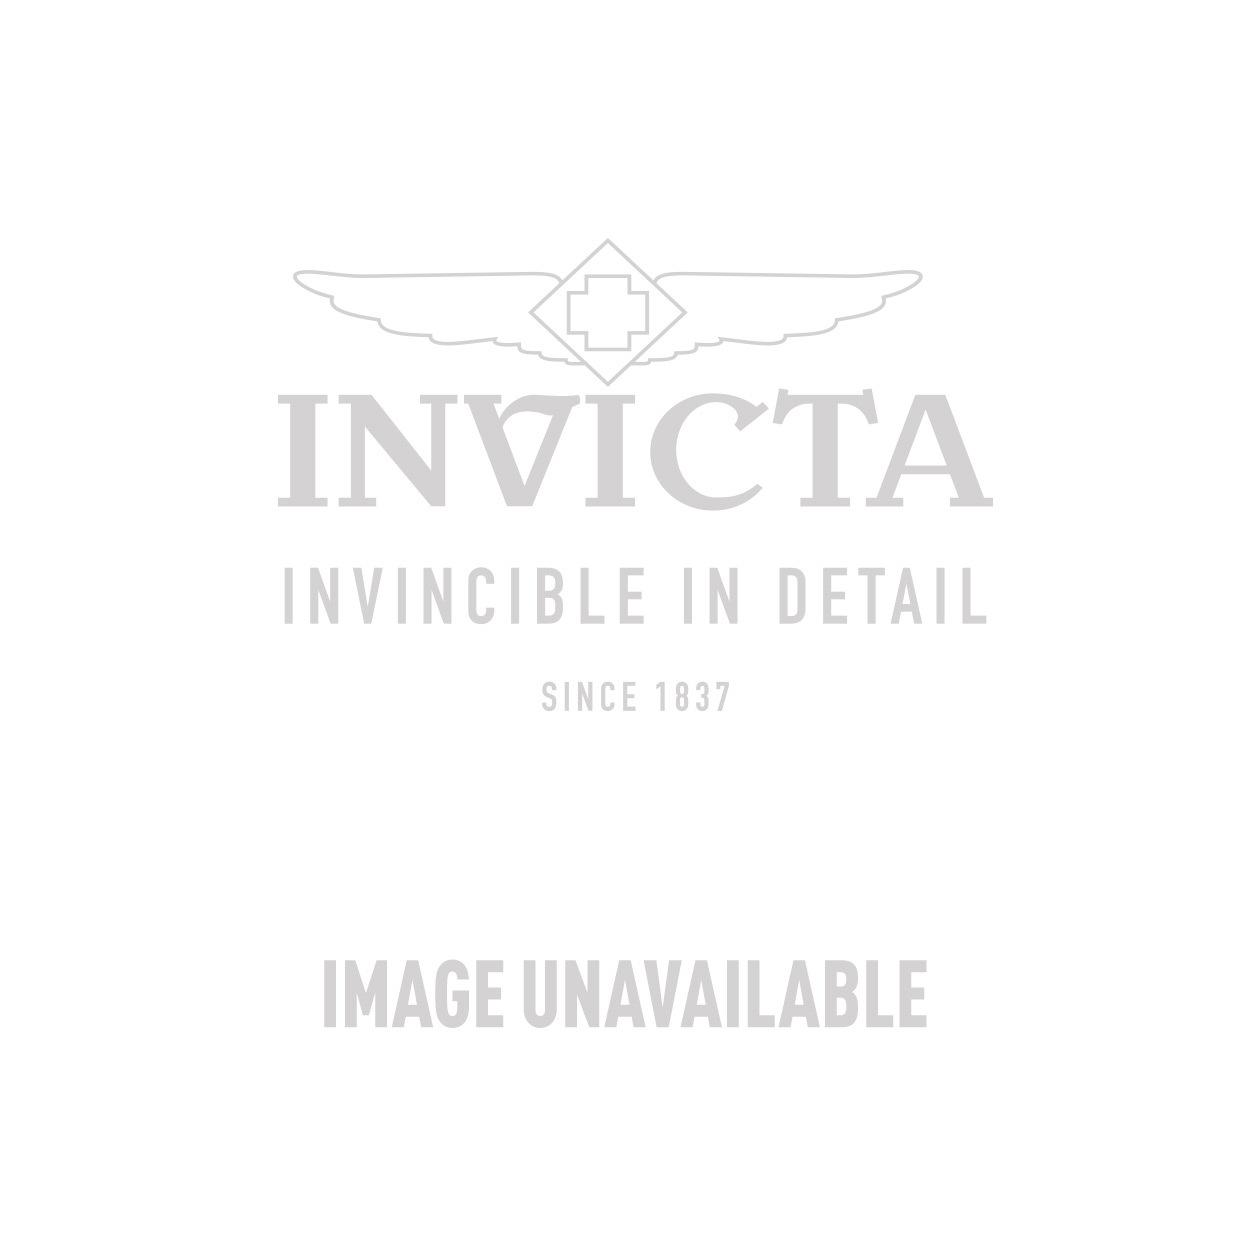 Invicta Model 27039